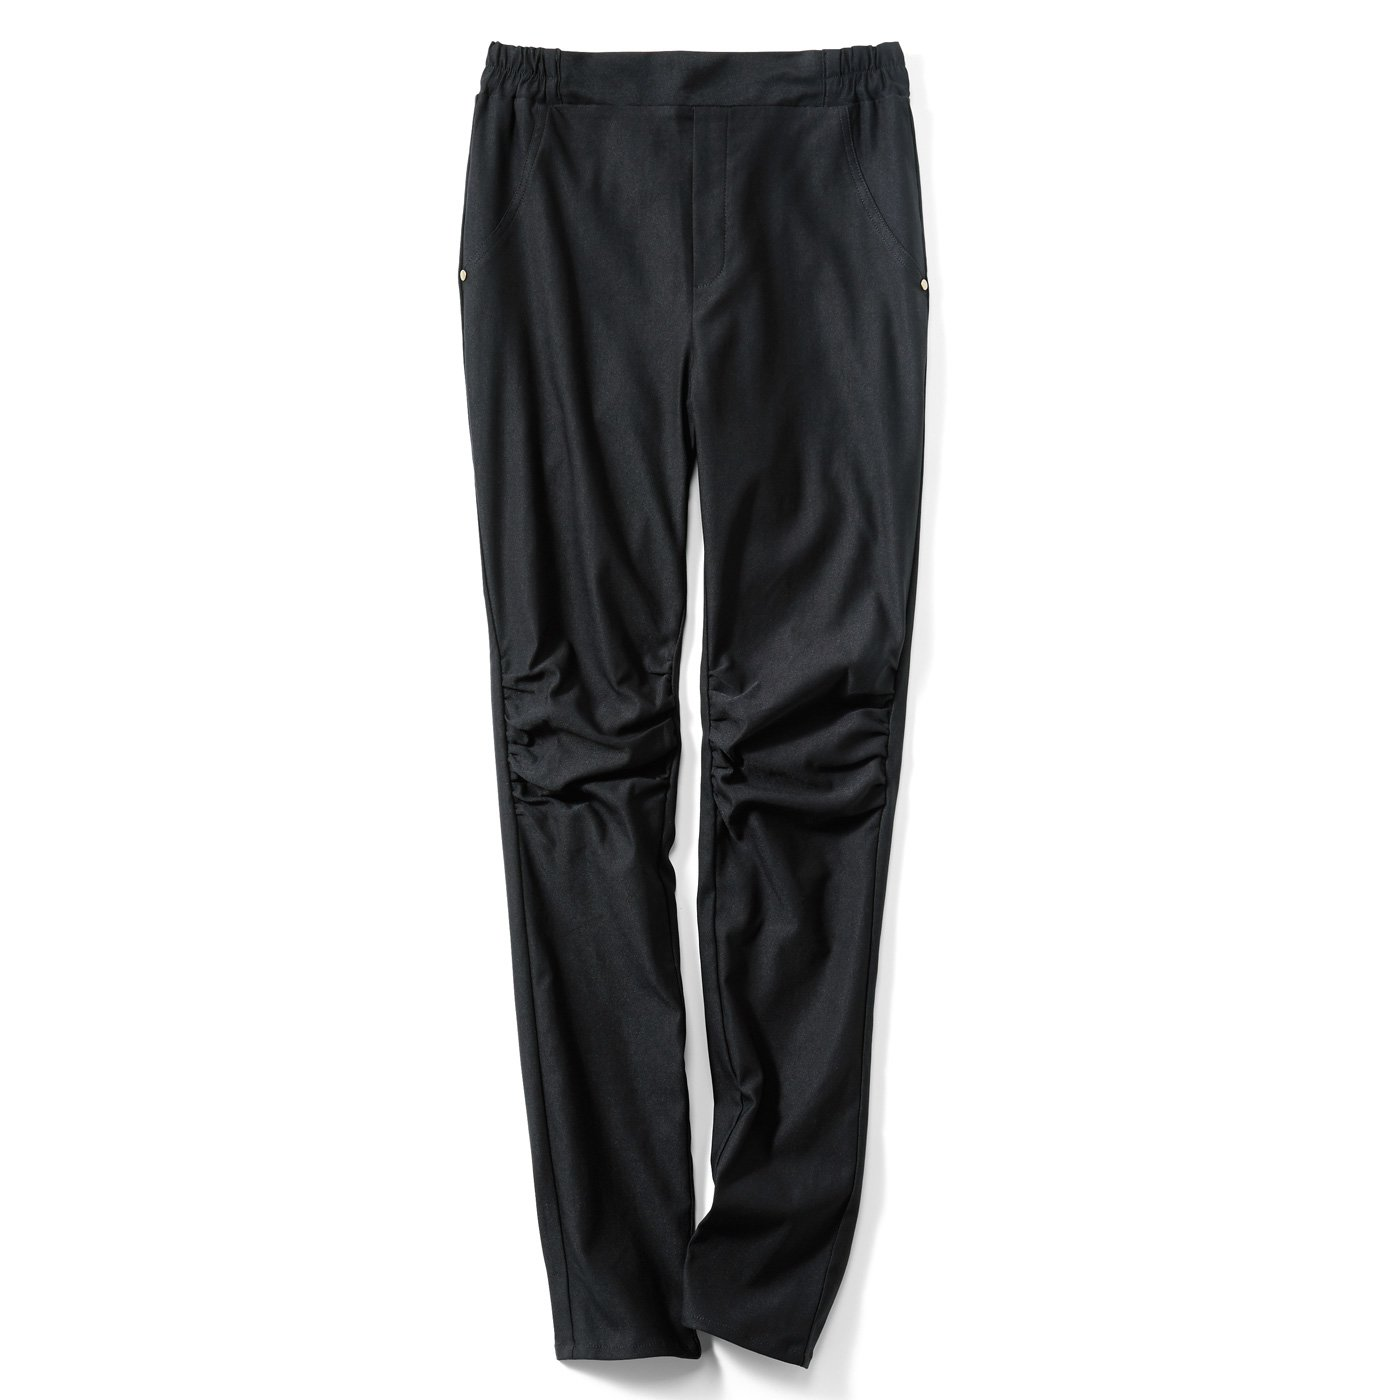 IEDIT[イディット] 裏起毛素材で伸びやかな ひざギャザー入り着やせレギンスパンツ〈ブラック〉